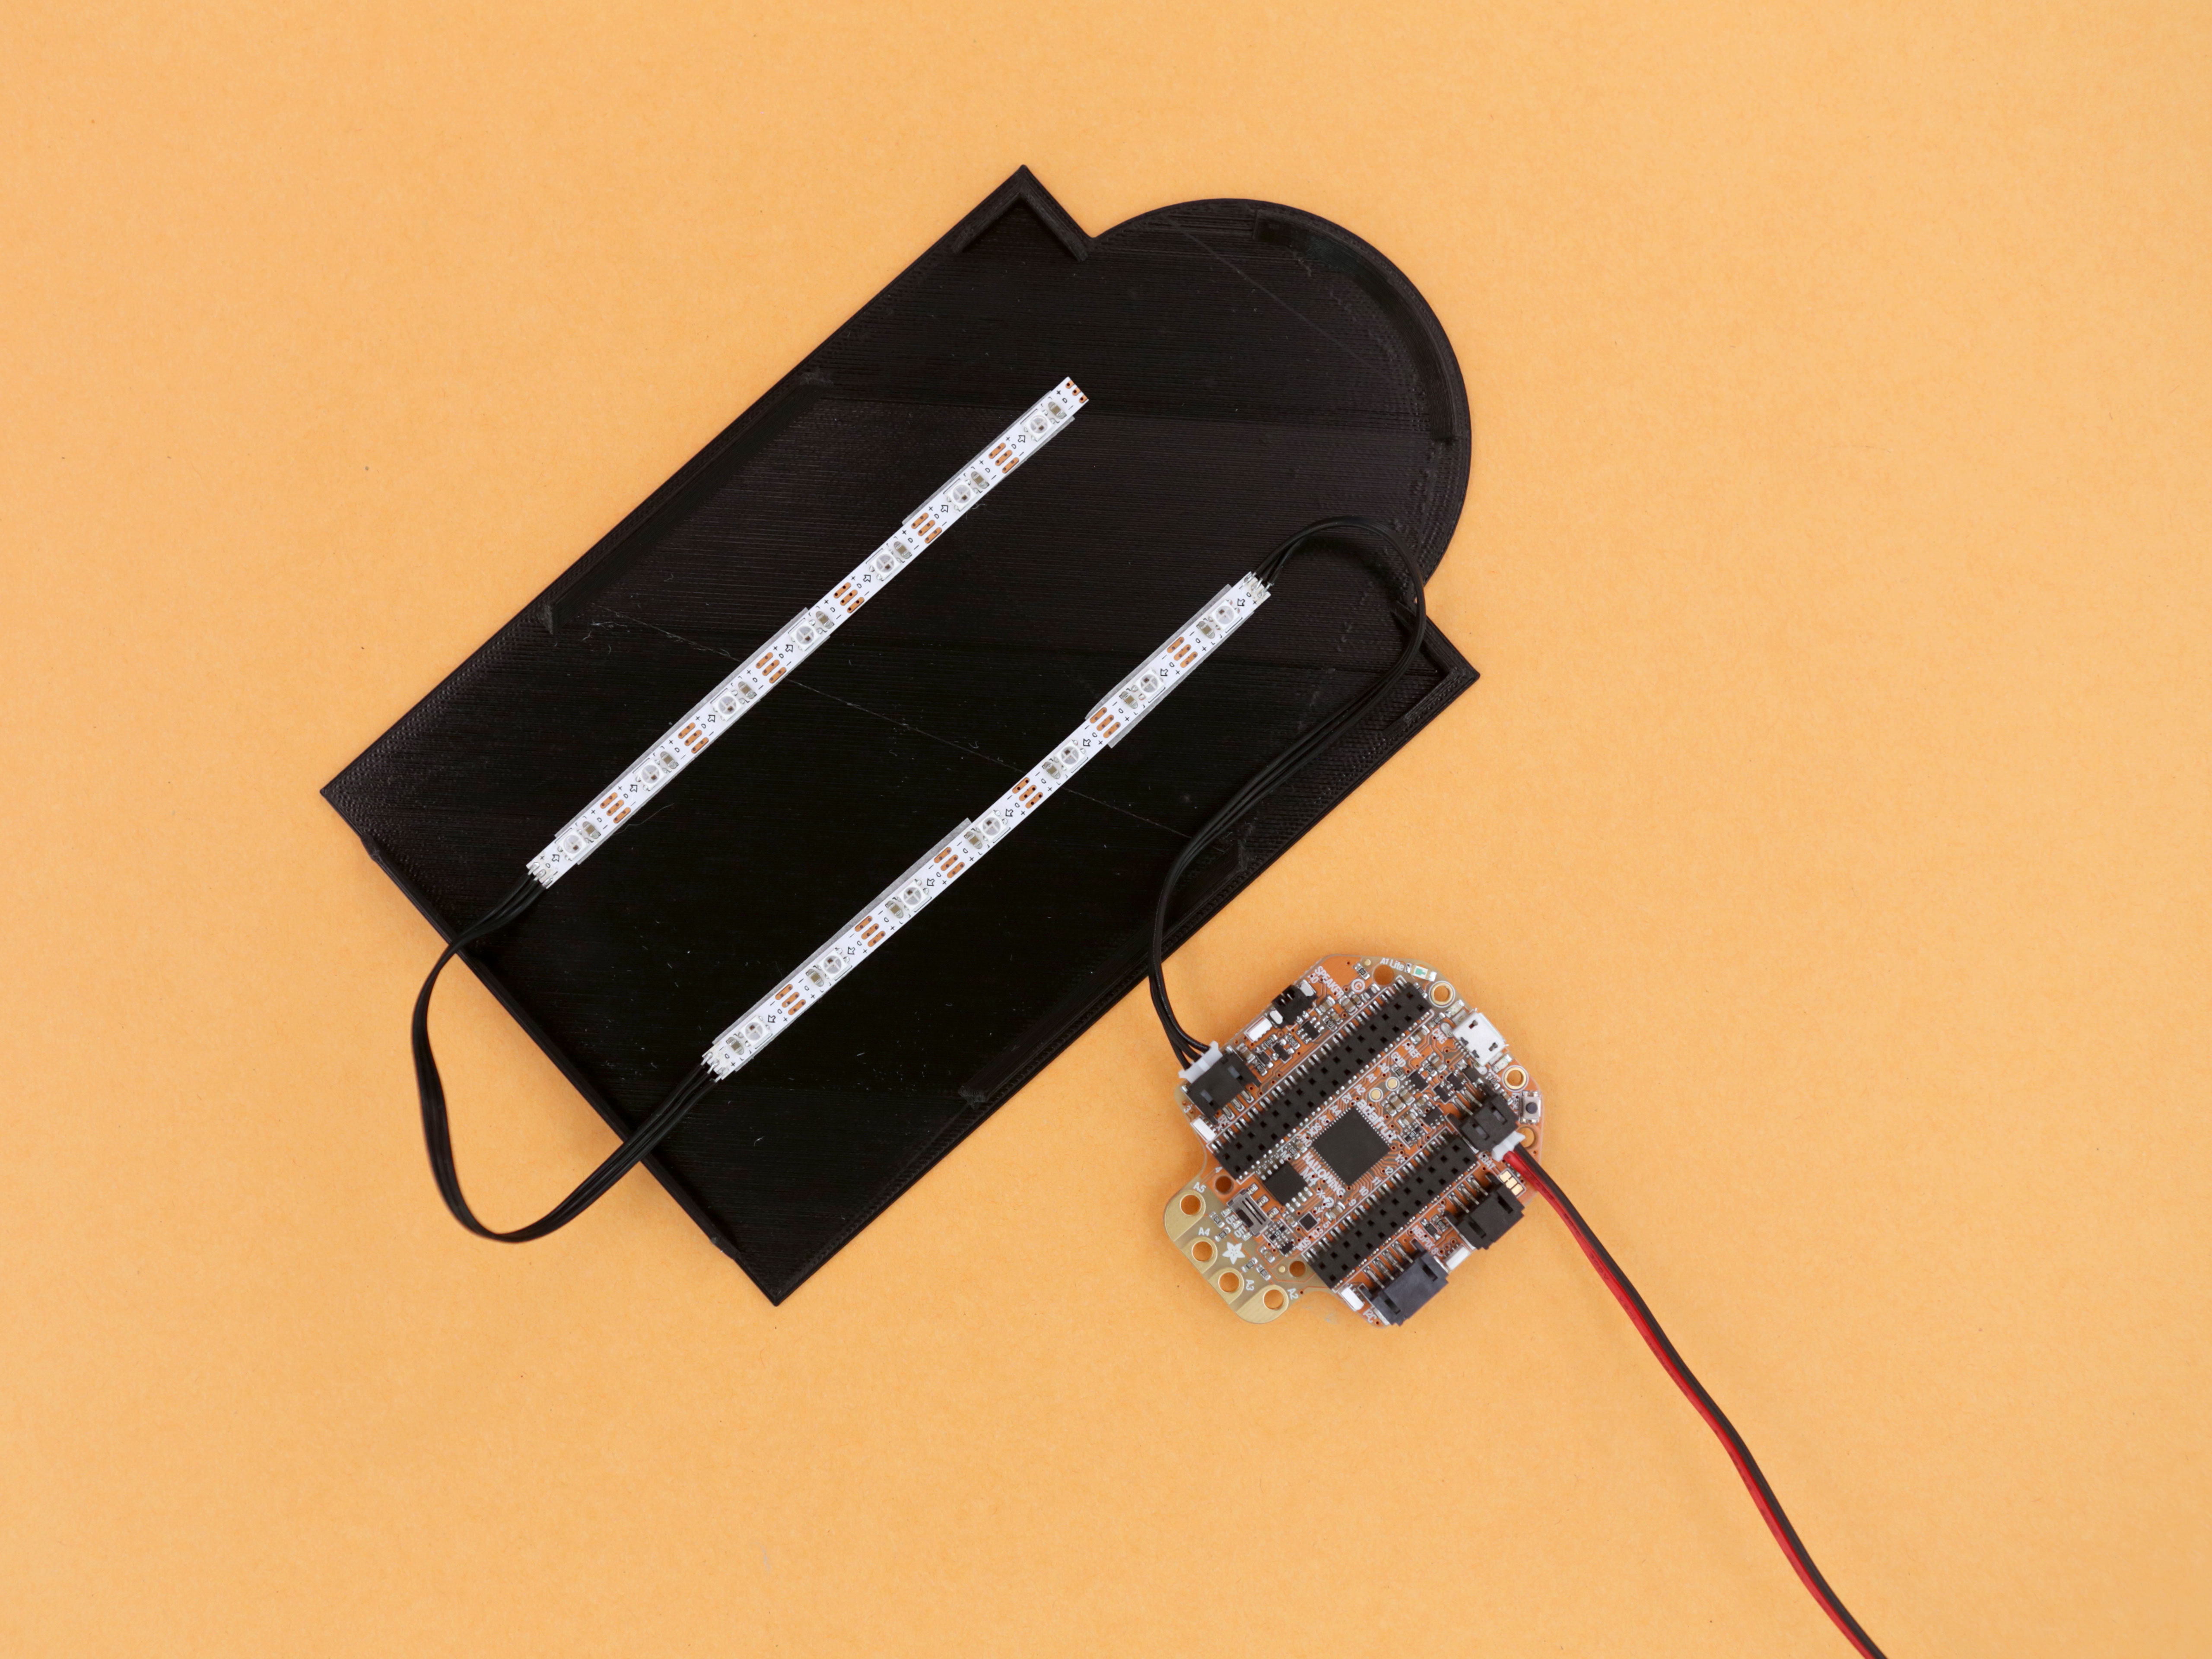 led_strips_strip-install-back-cover.jpg